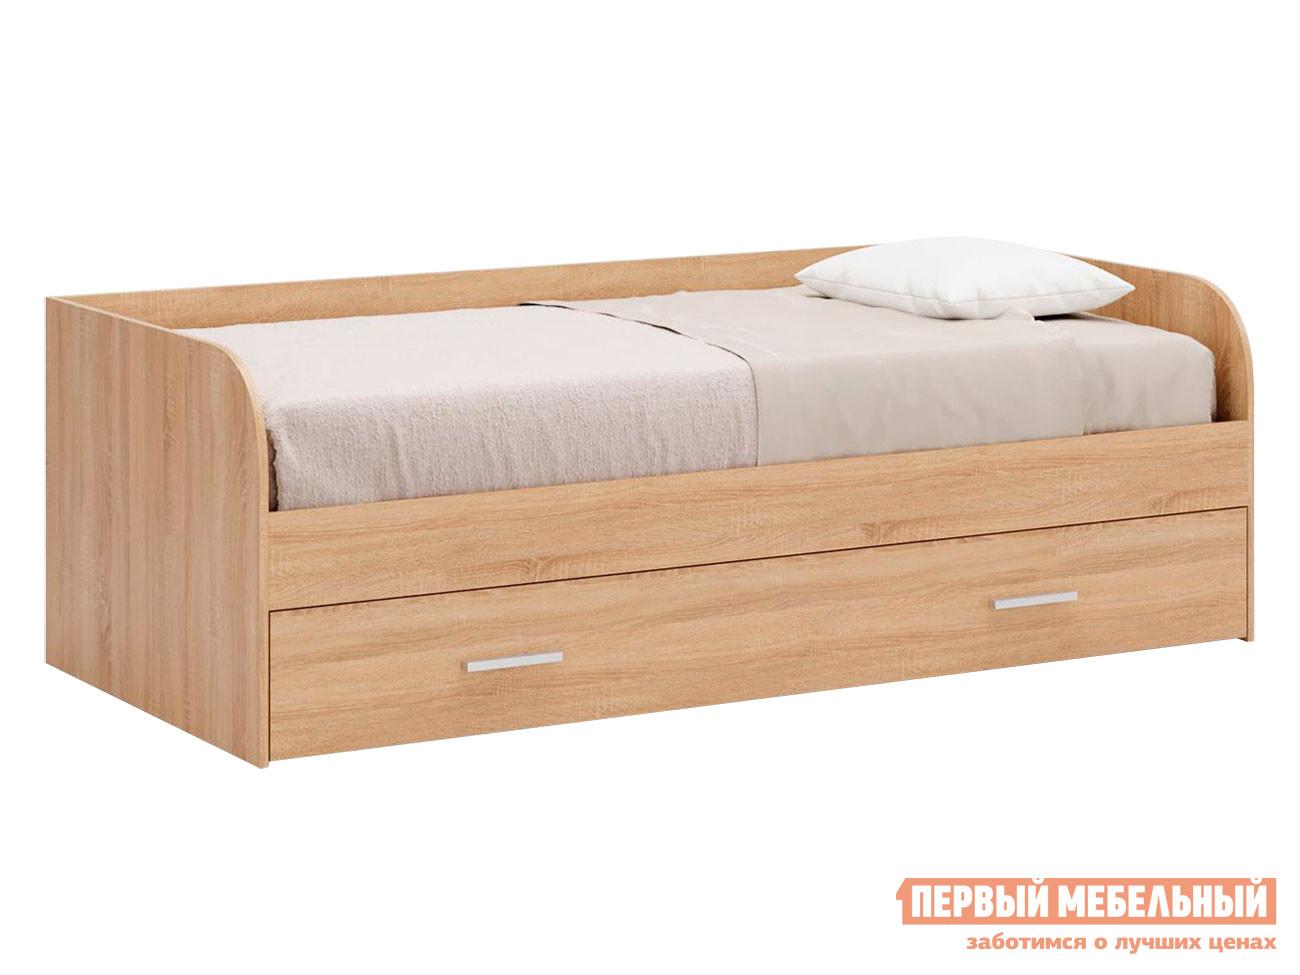 Детская кровать  Кровать Леон Дуб сонома, С ящиком — Кровать Леон Дуб сонома, С ящиком